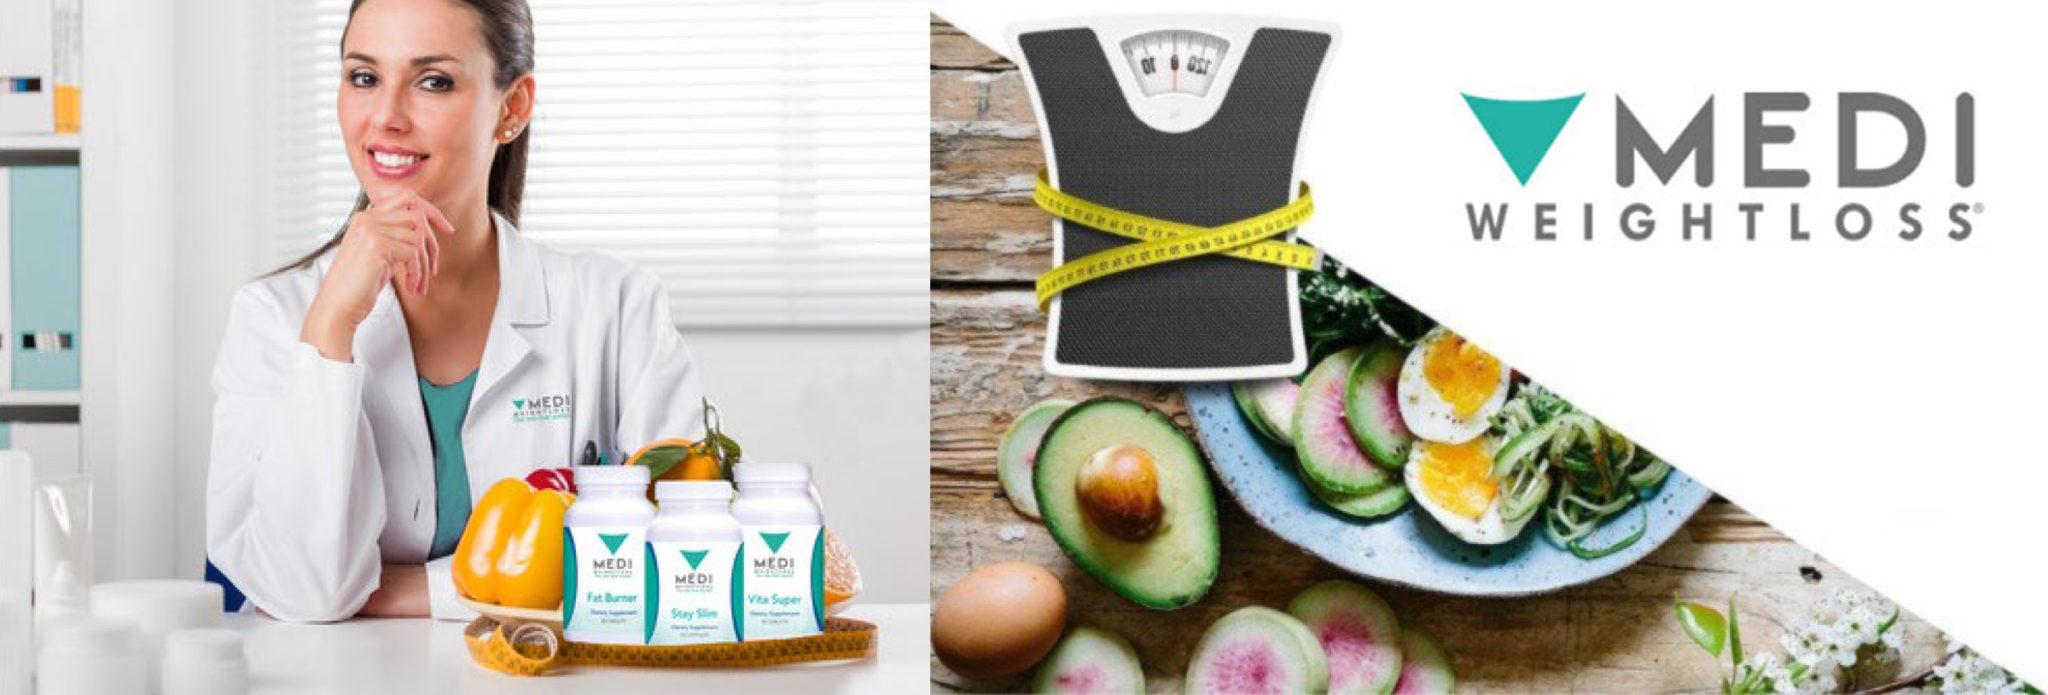 Medi-Weightloss Web Cover